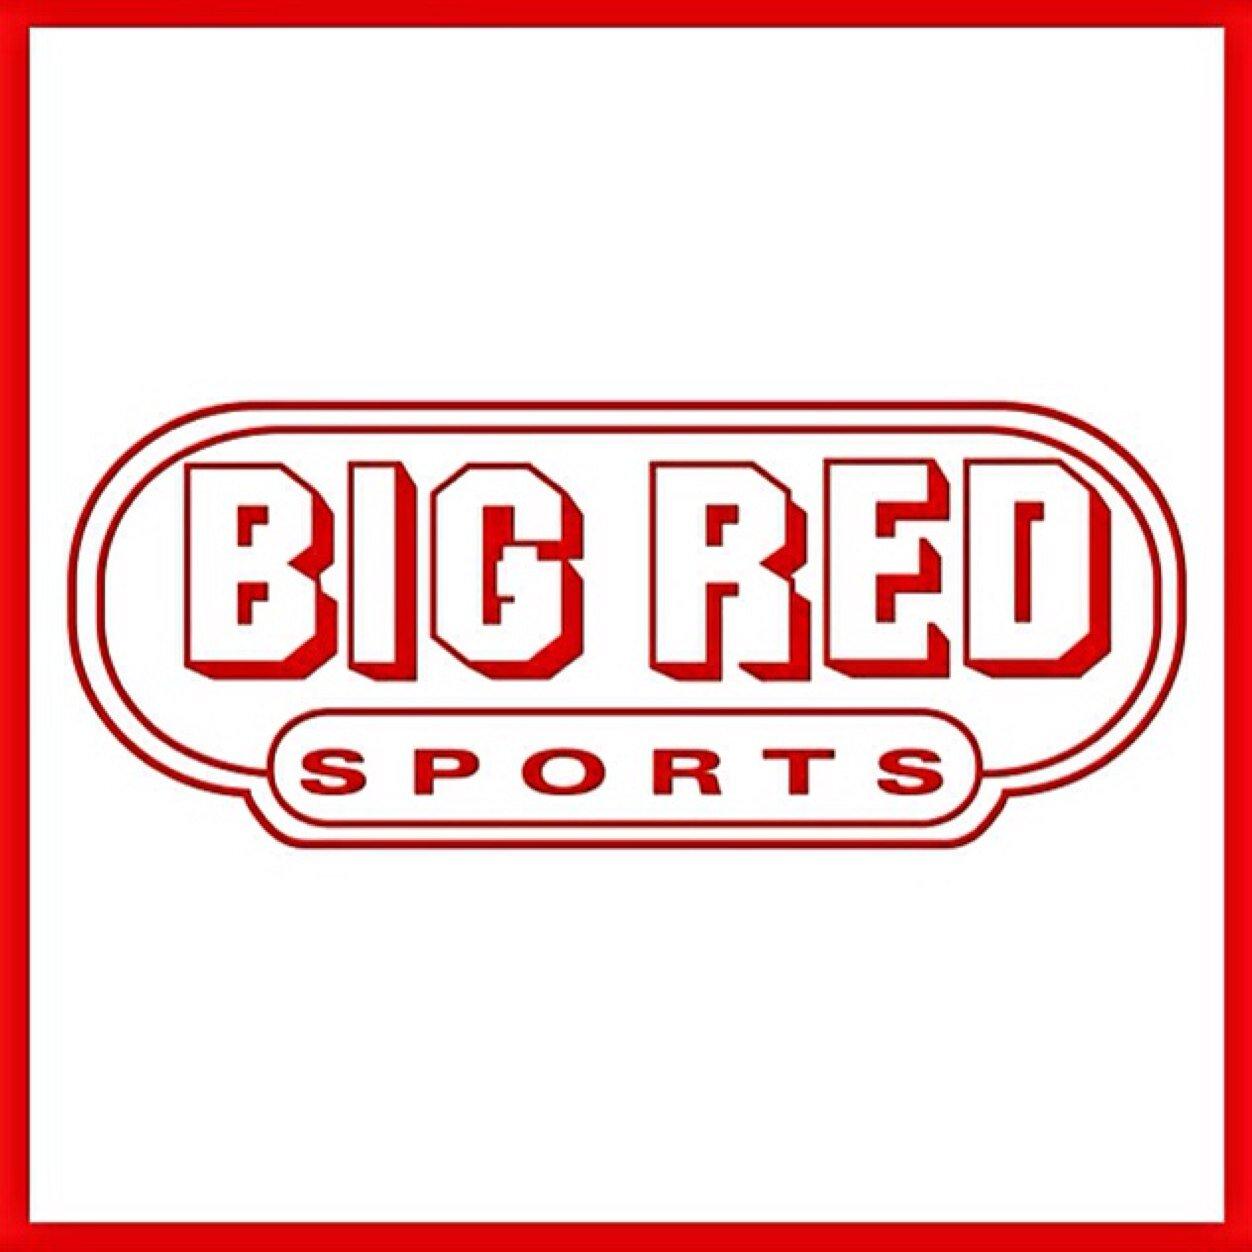 Big Red Sports >> Big Red Sports Auburnbigred Twitter